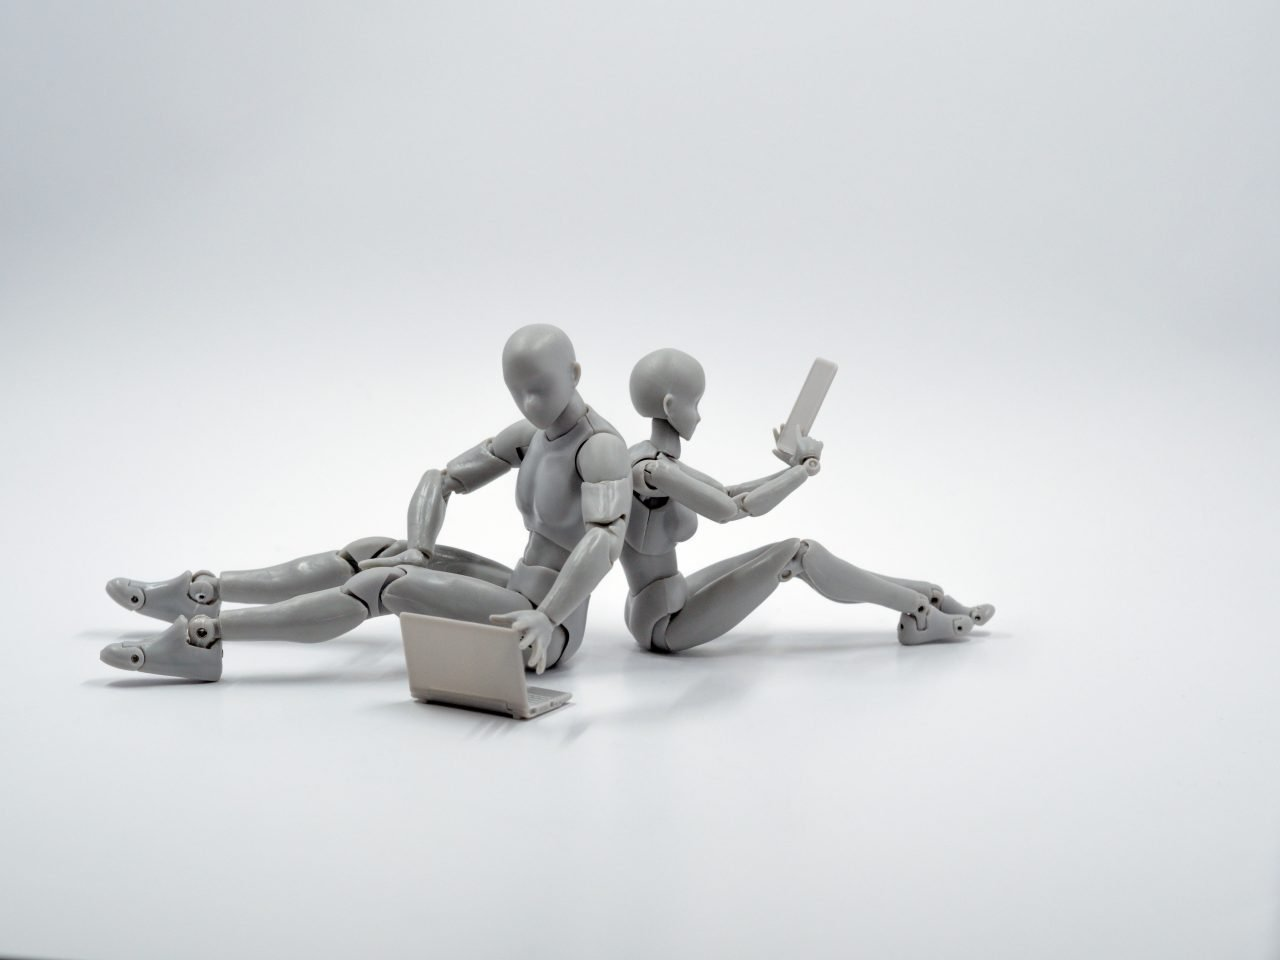 La era de hablar con máquinas